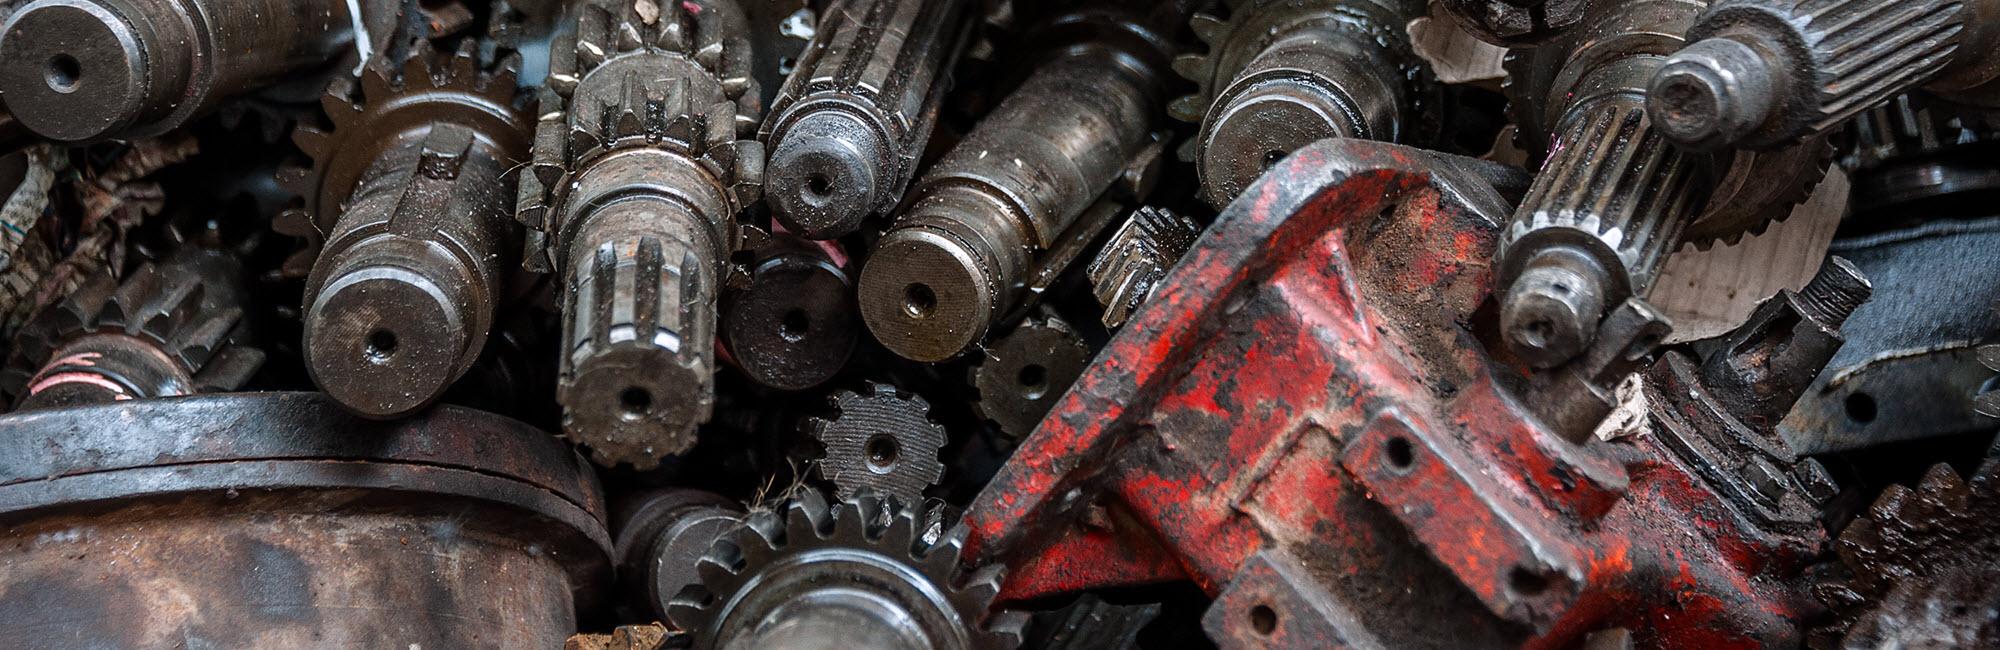 Chatarra Industrial para Reciclaje